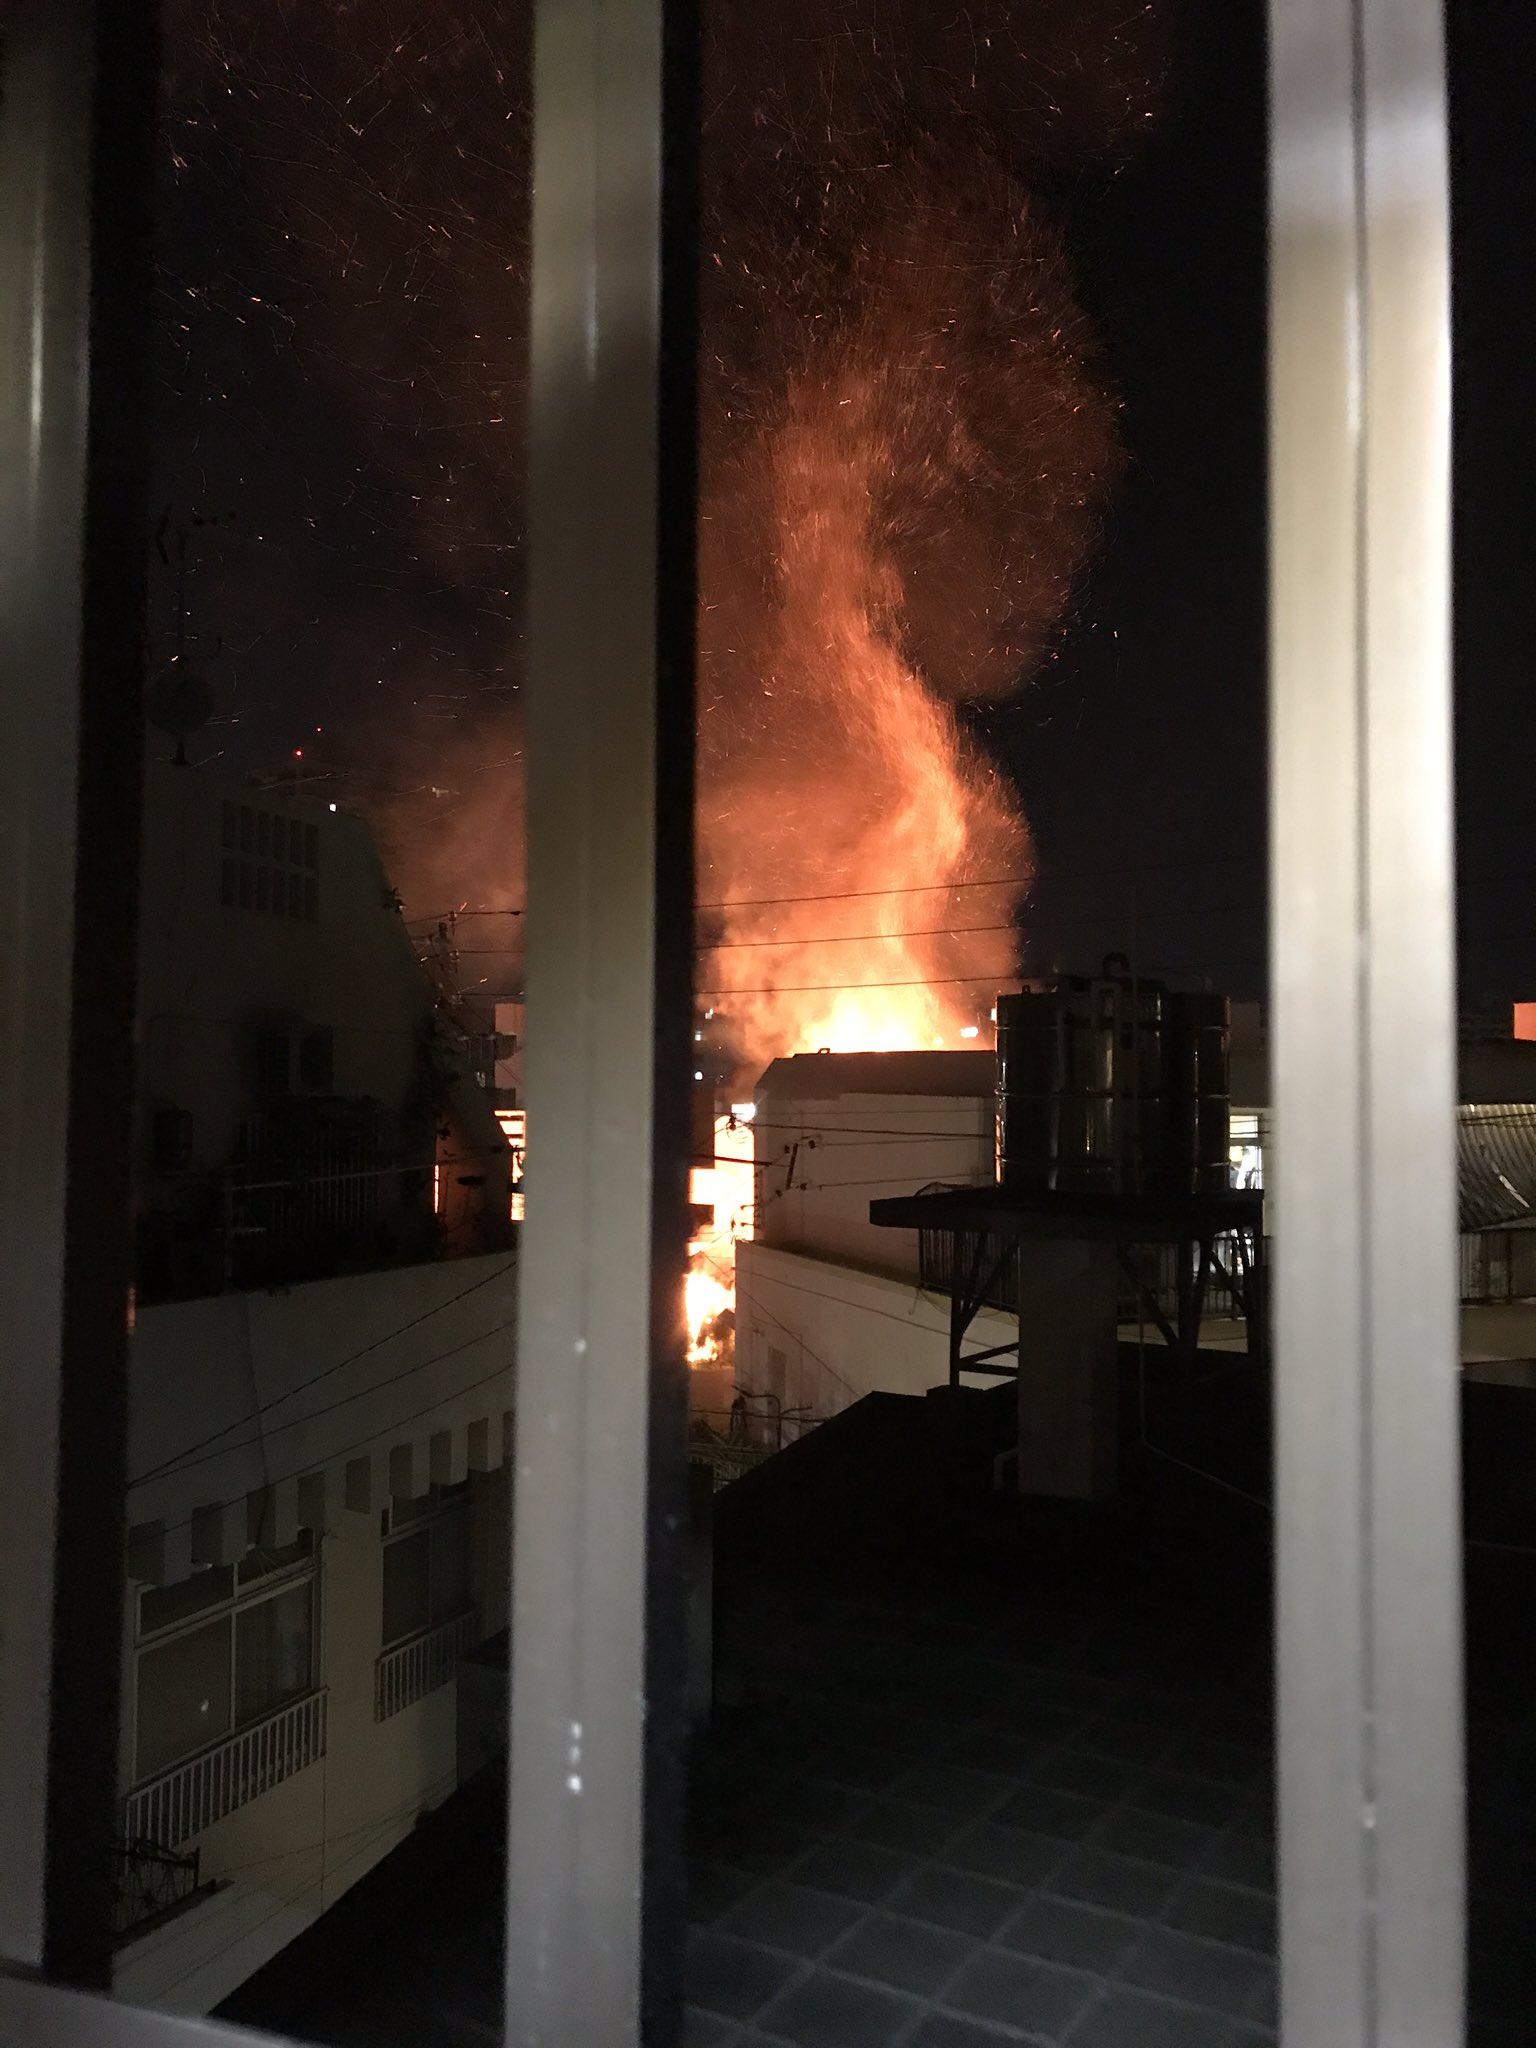 那覇市壺屋で火事が起きている現場の画像